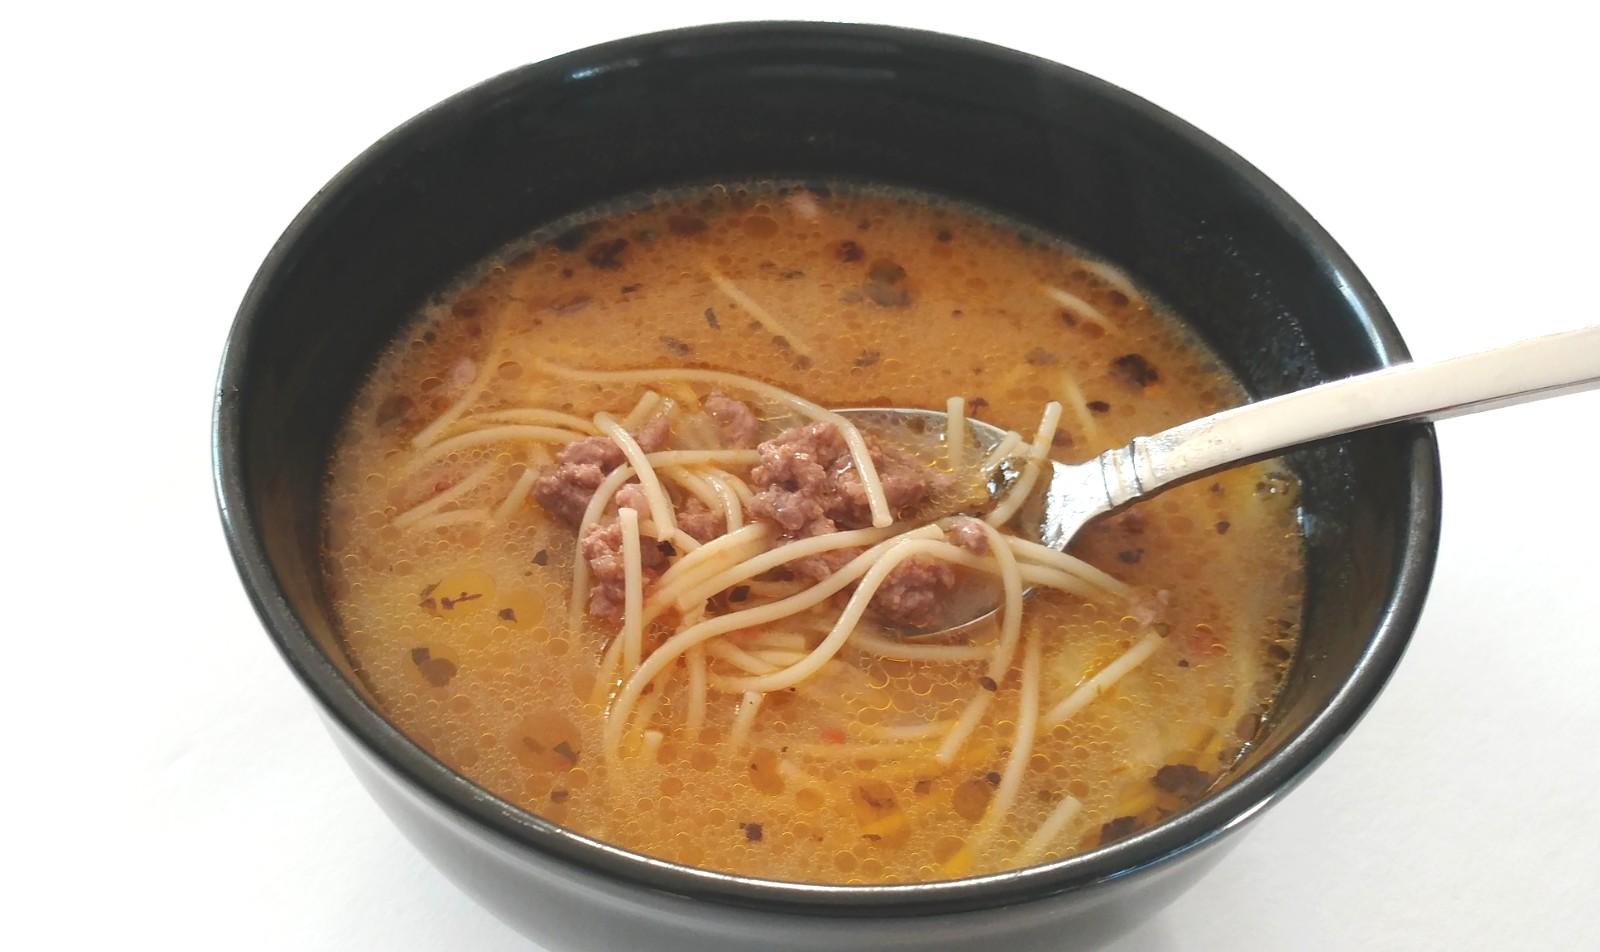 Una deliciosa sopa a la minuta al estilo peruano